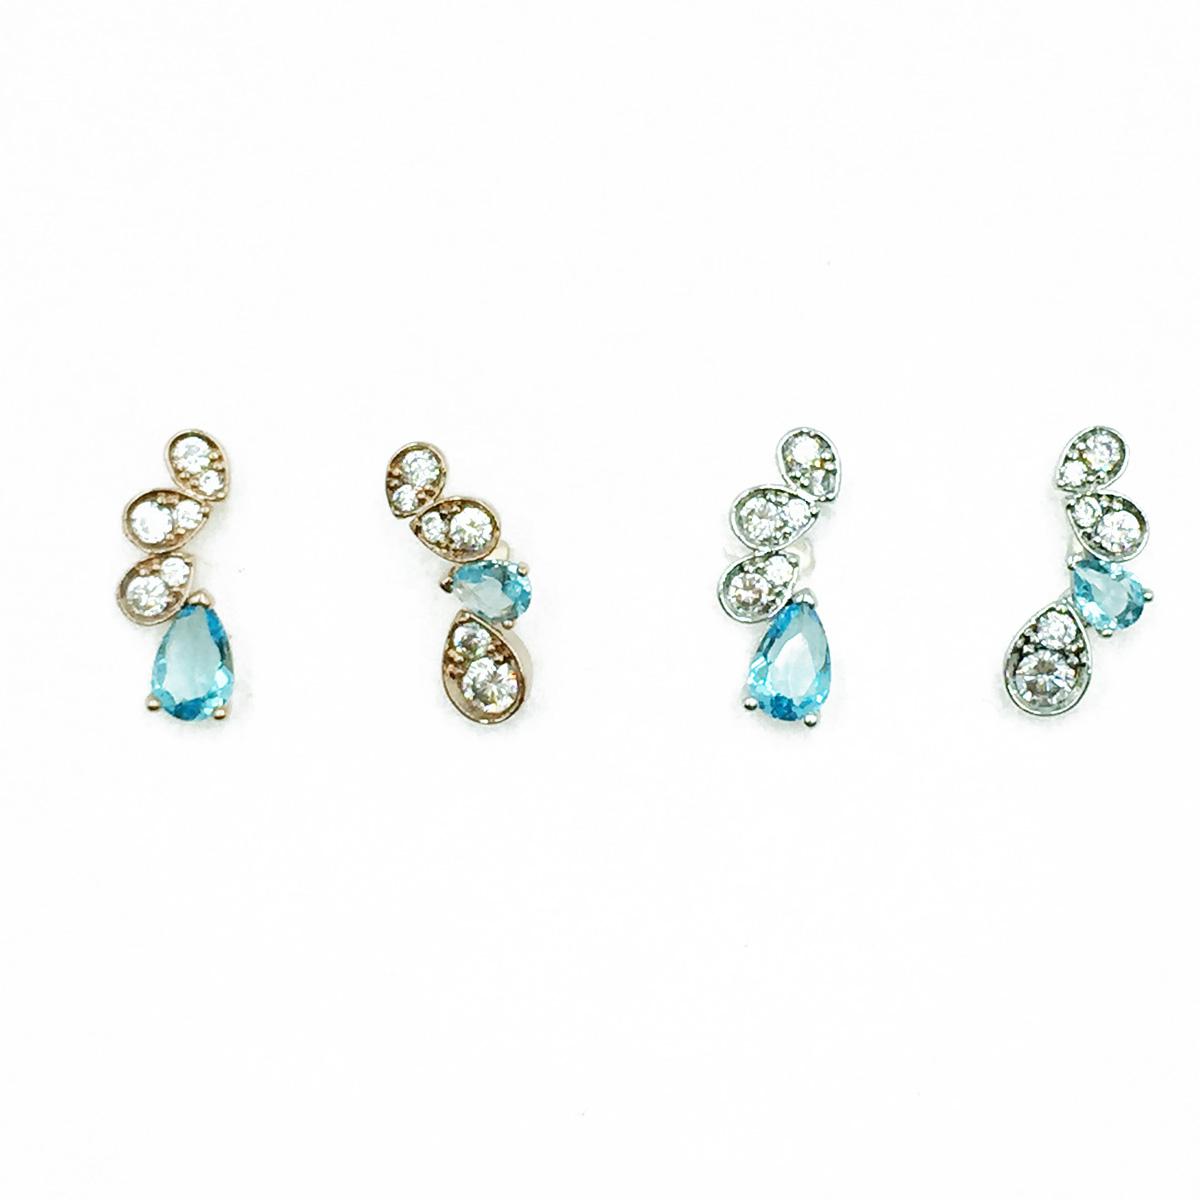 韓國 925純銀 藍鑽 水滴 明星款飾品 耳針式耳環